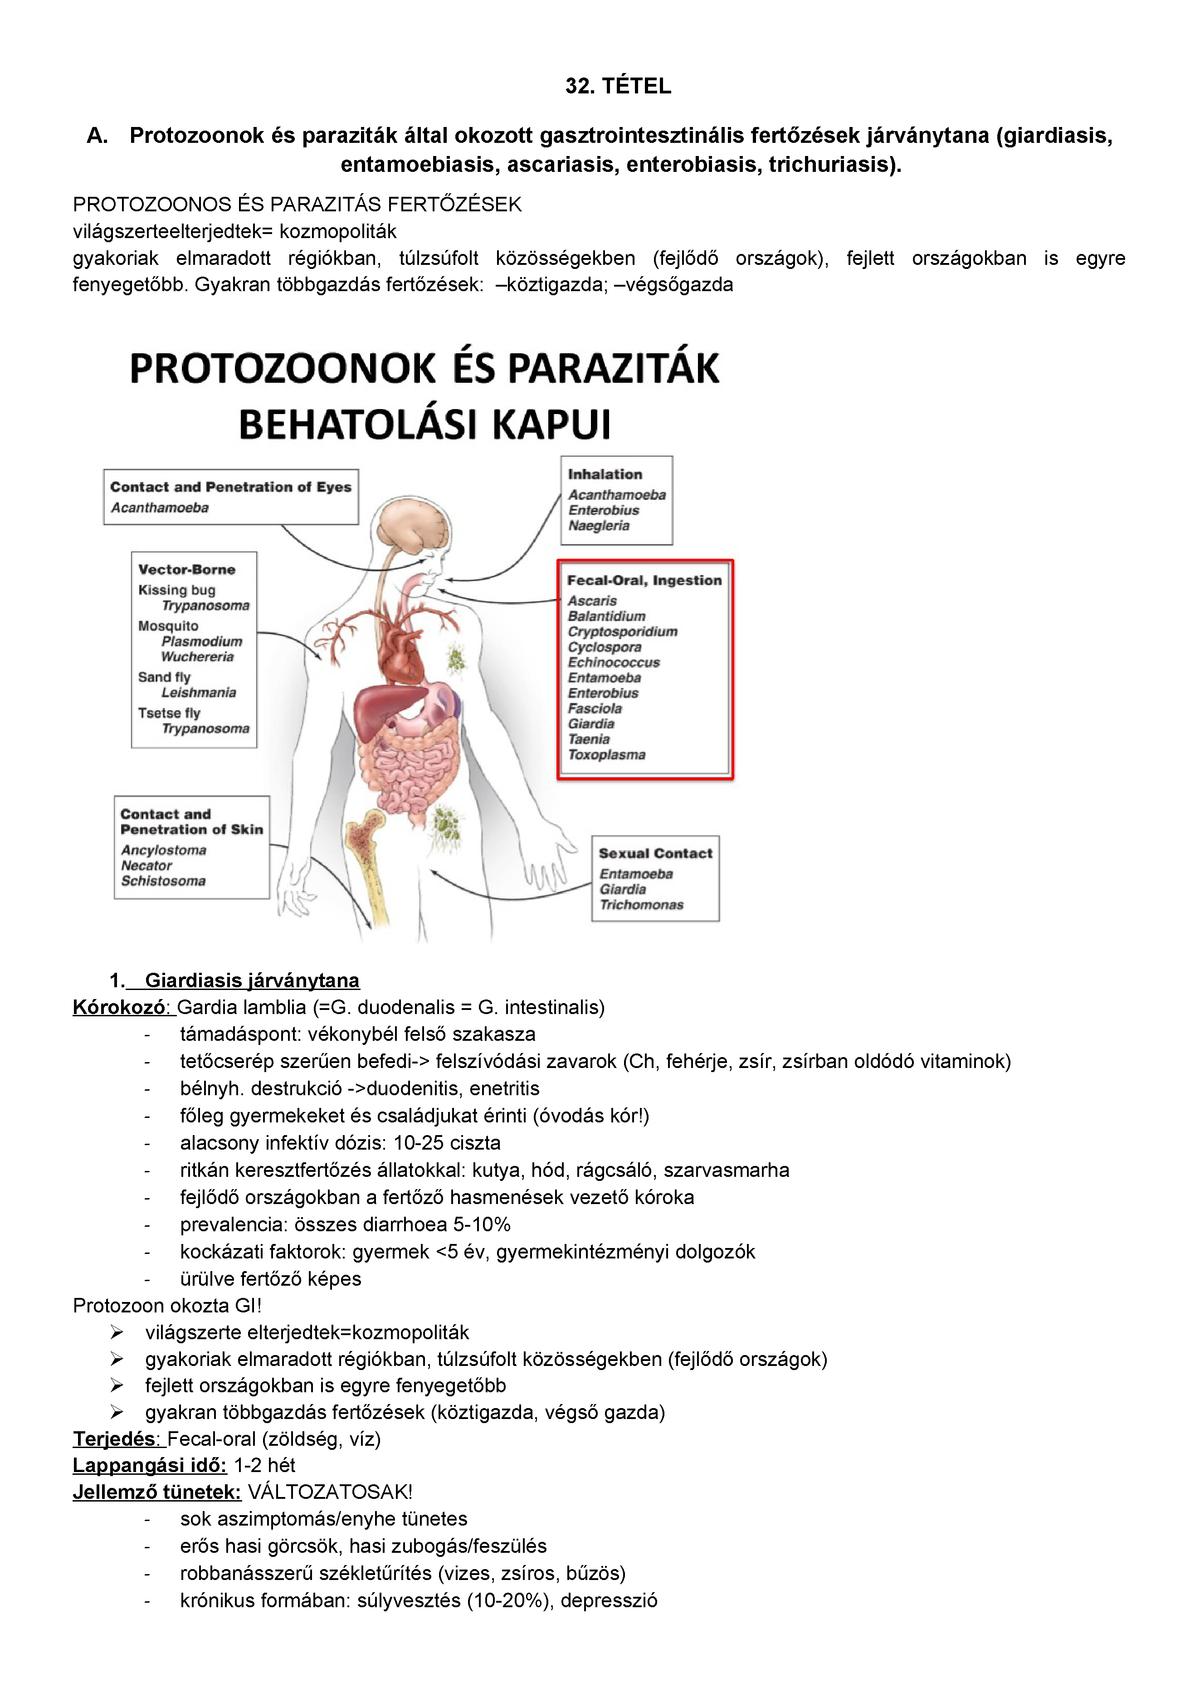 a toxoplazma szisztematikus helyzete